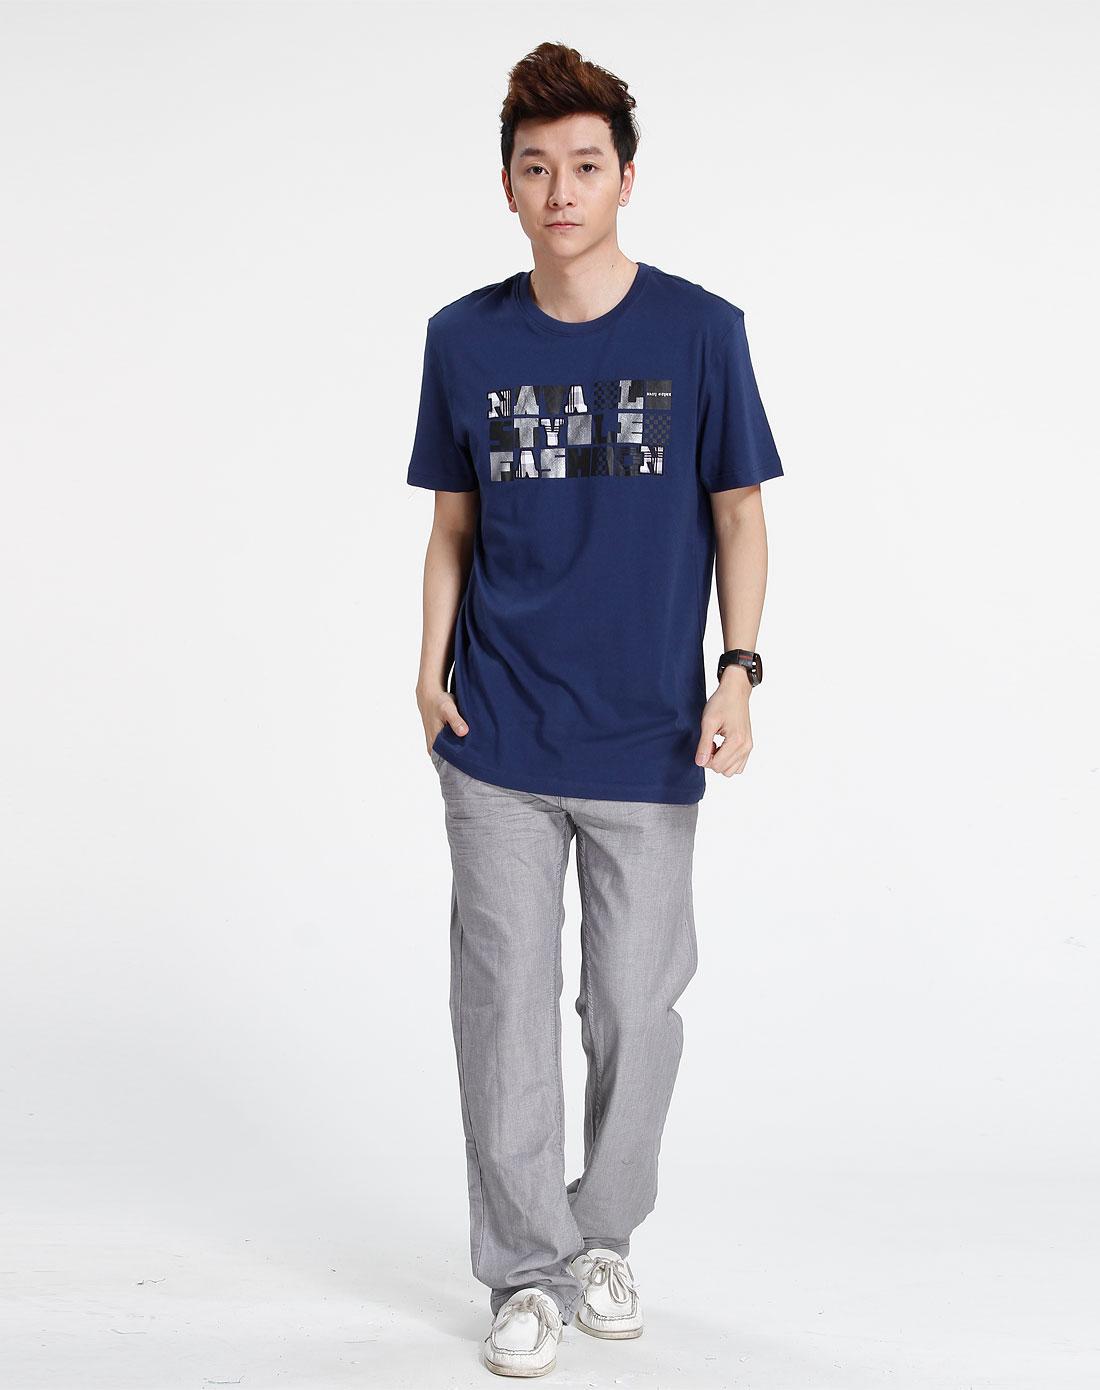 森马男装专场-藏青色休闲印花短袖t恤图片